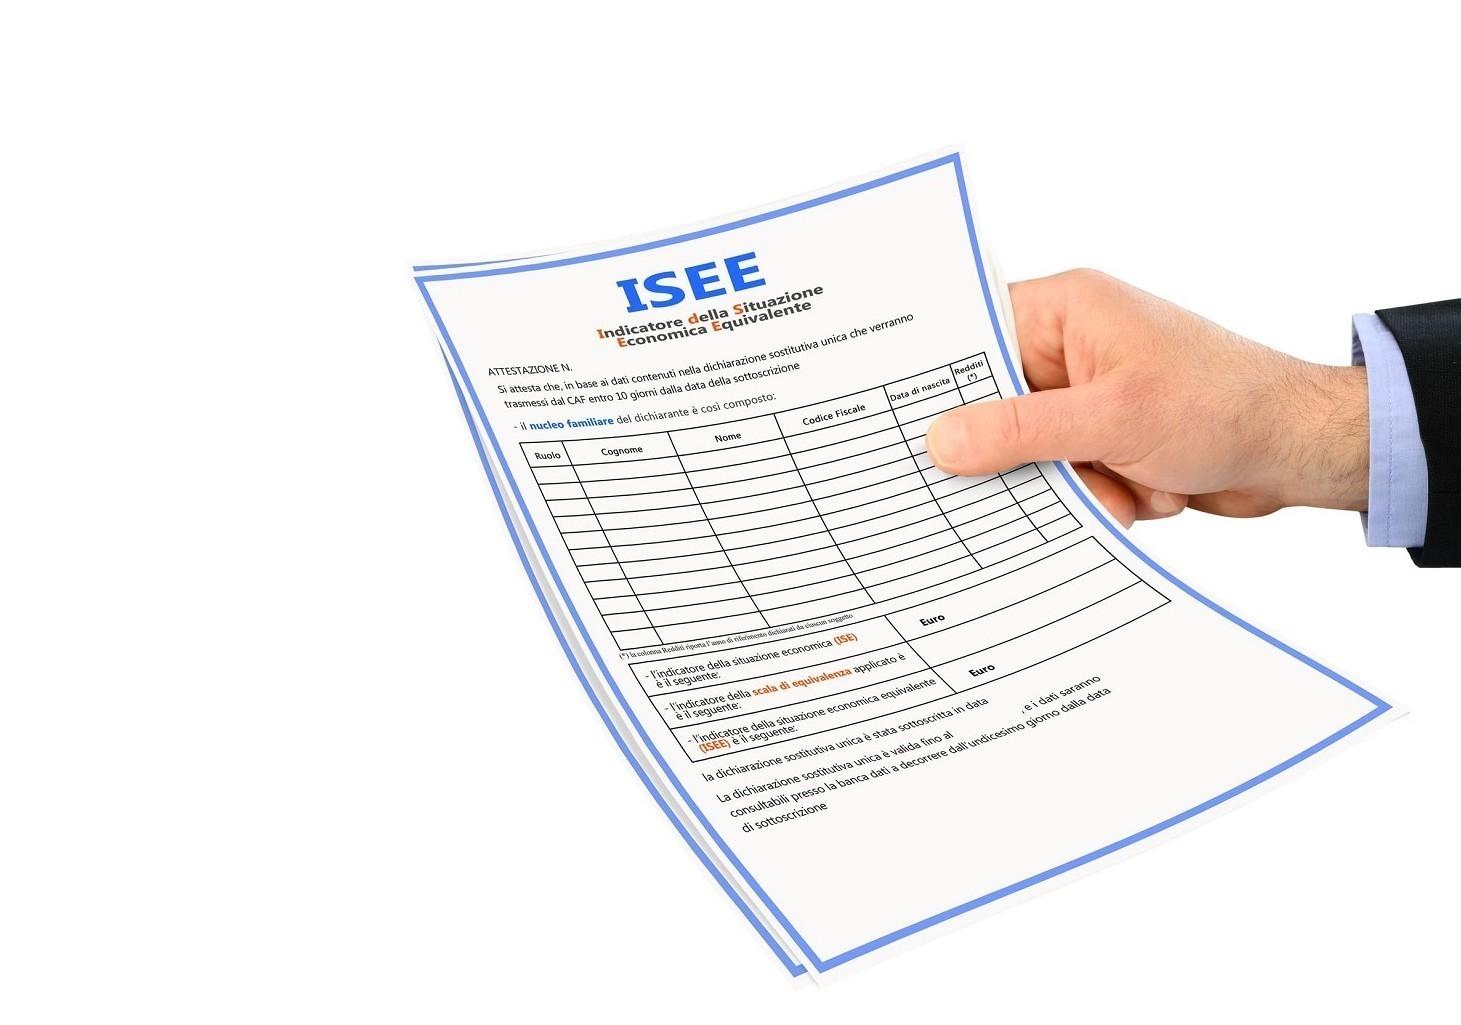 Isee 2018: norme attuali per accedere a